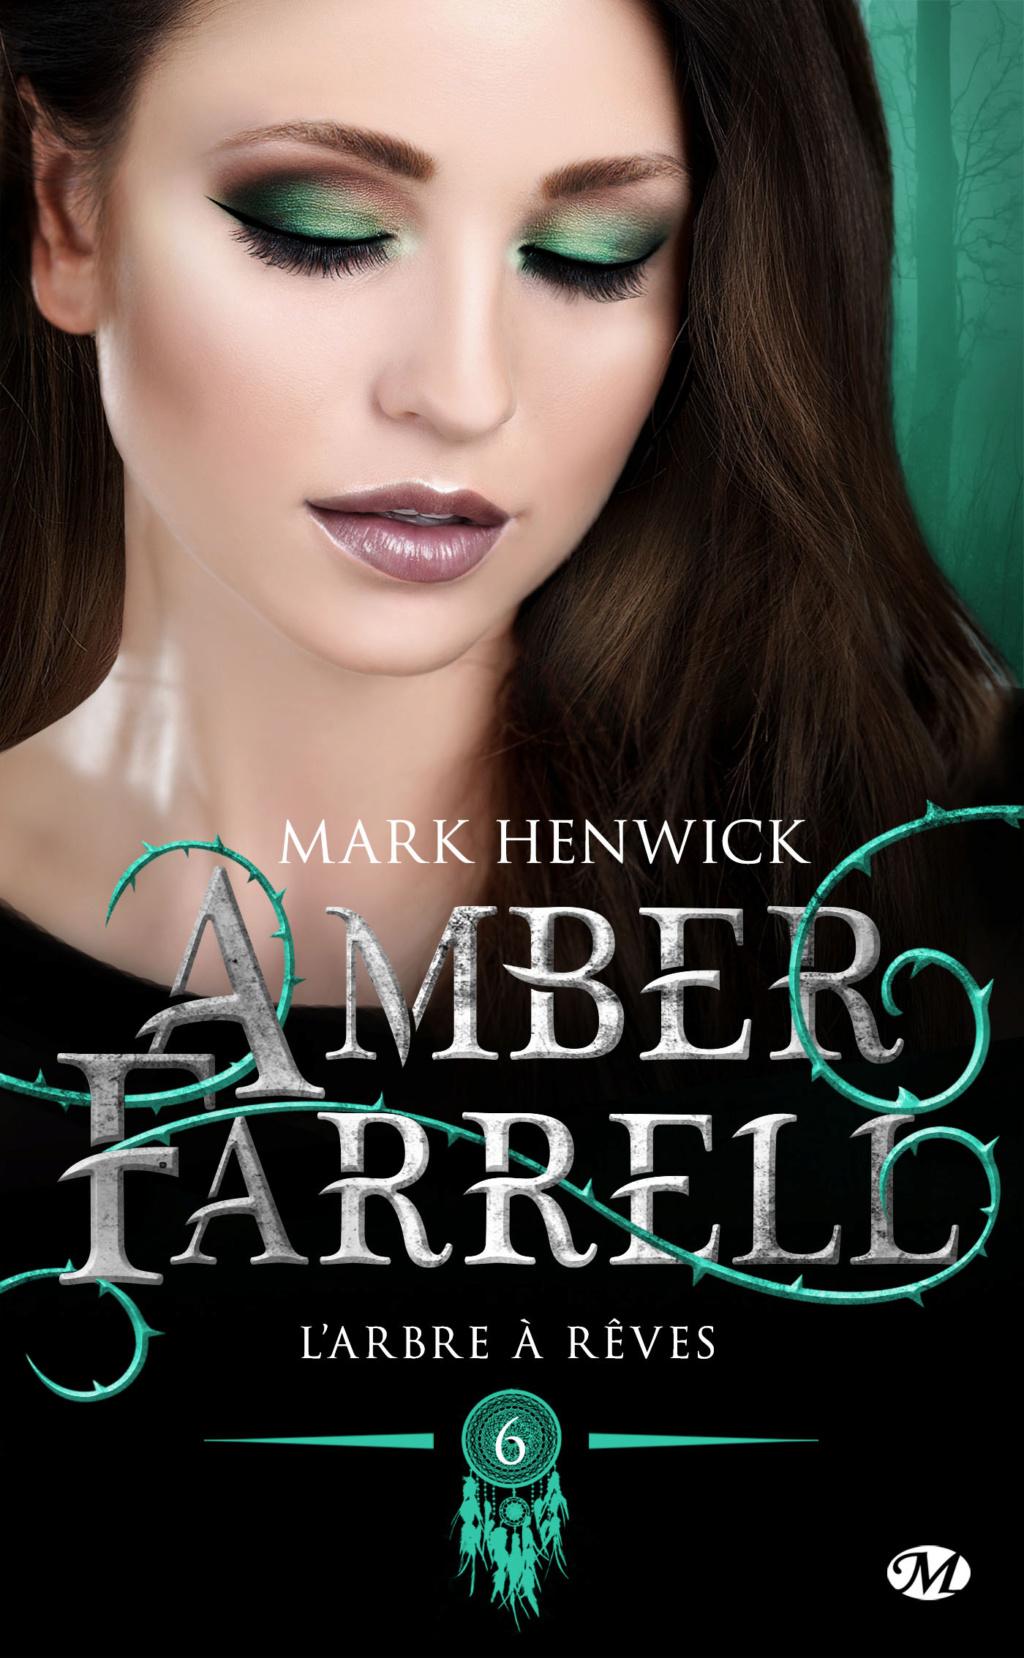 Amber Farrell - Tome 6 : L'arbre à rêves de Mark Henwick Amber-10